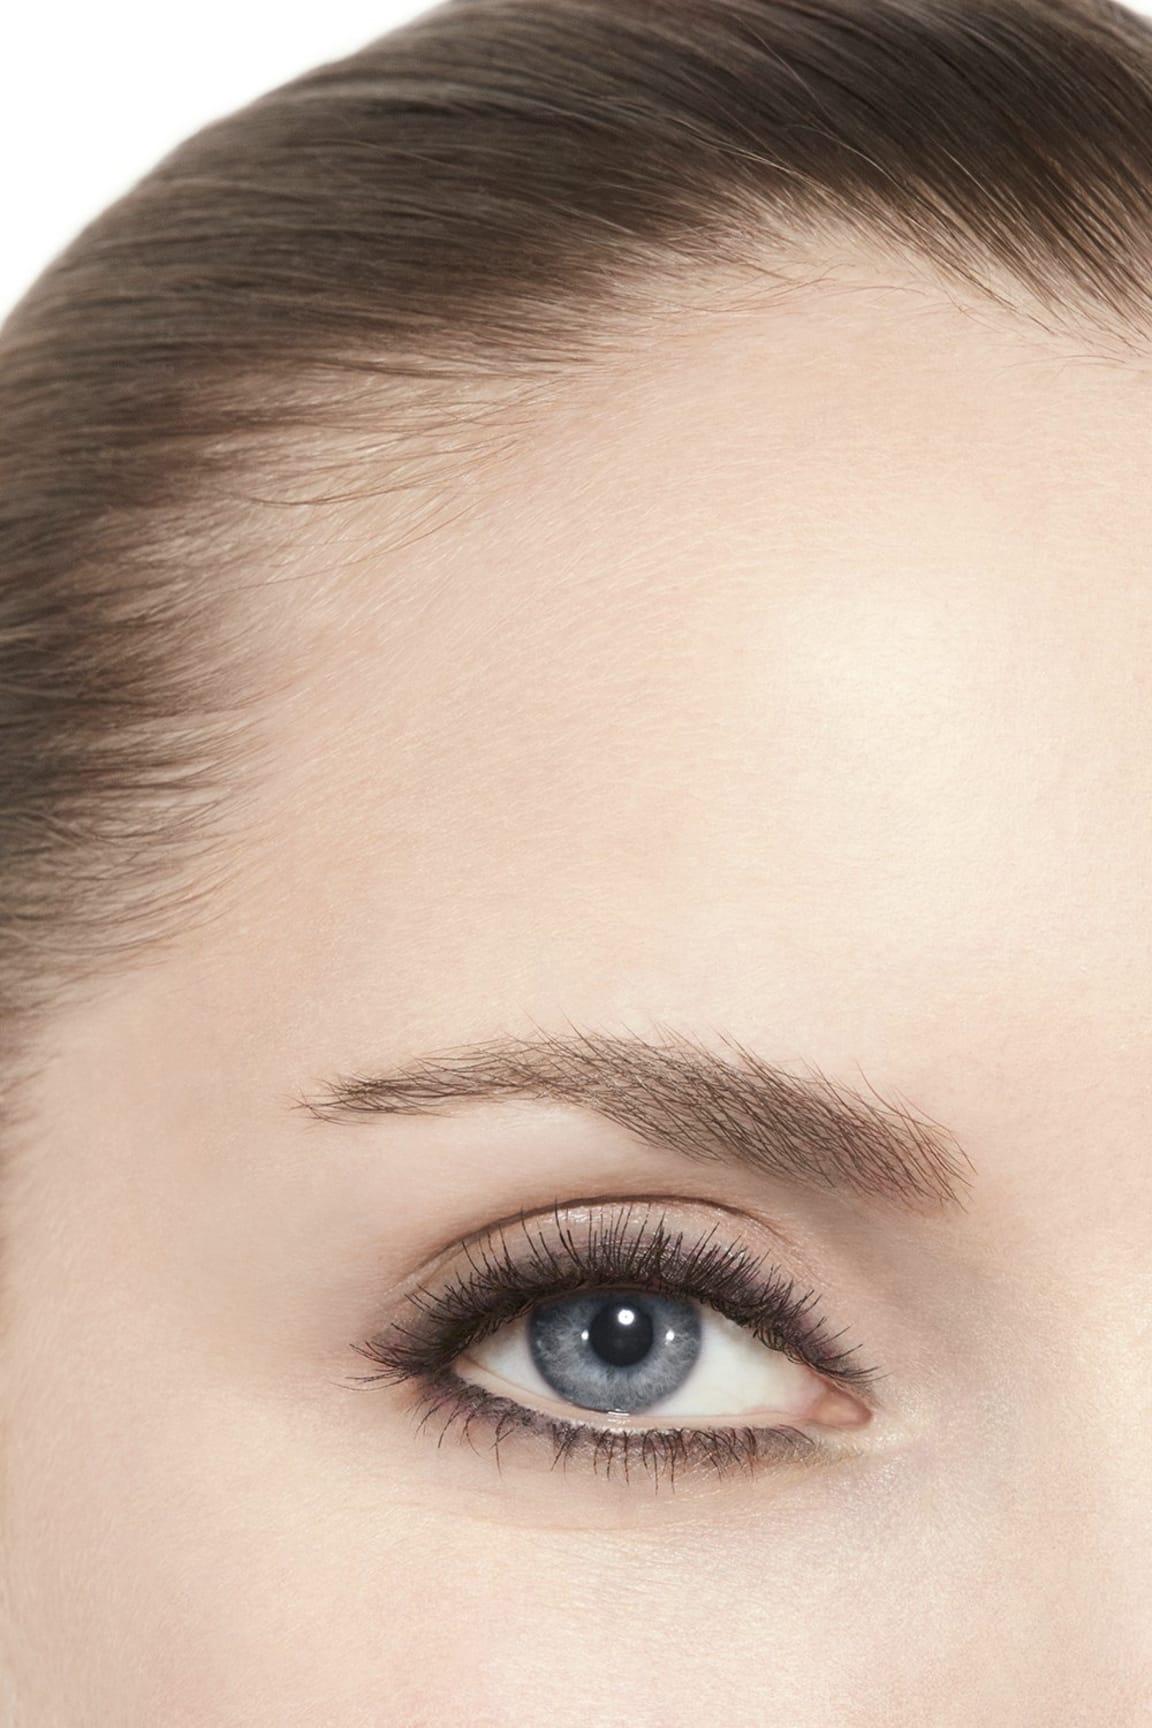 Пример нанесения макияжа 3 - STYLO OMBRE ET CONTOUR 17 - CONTOUR GRAPHITE